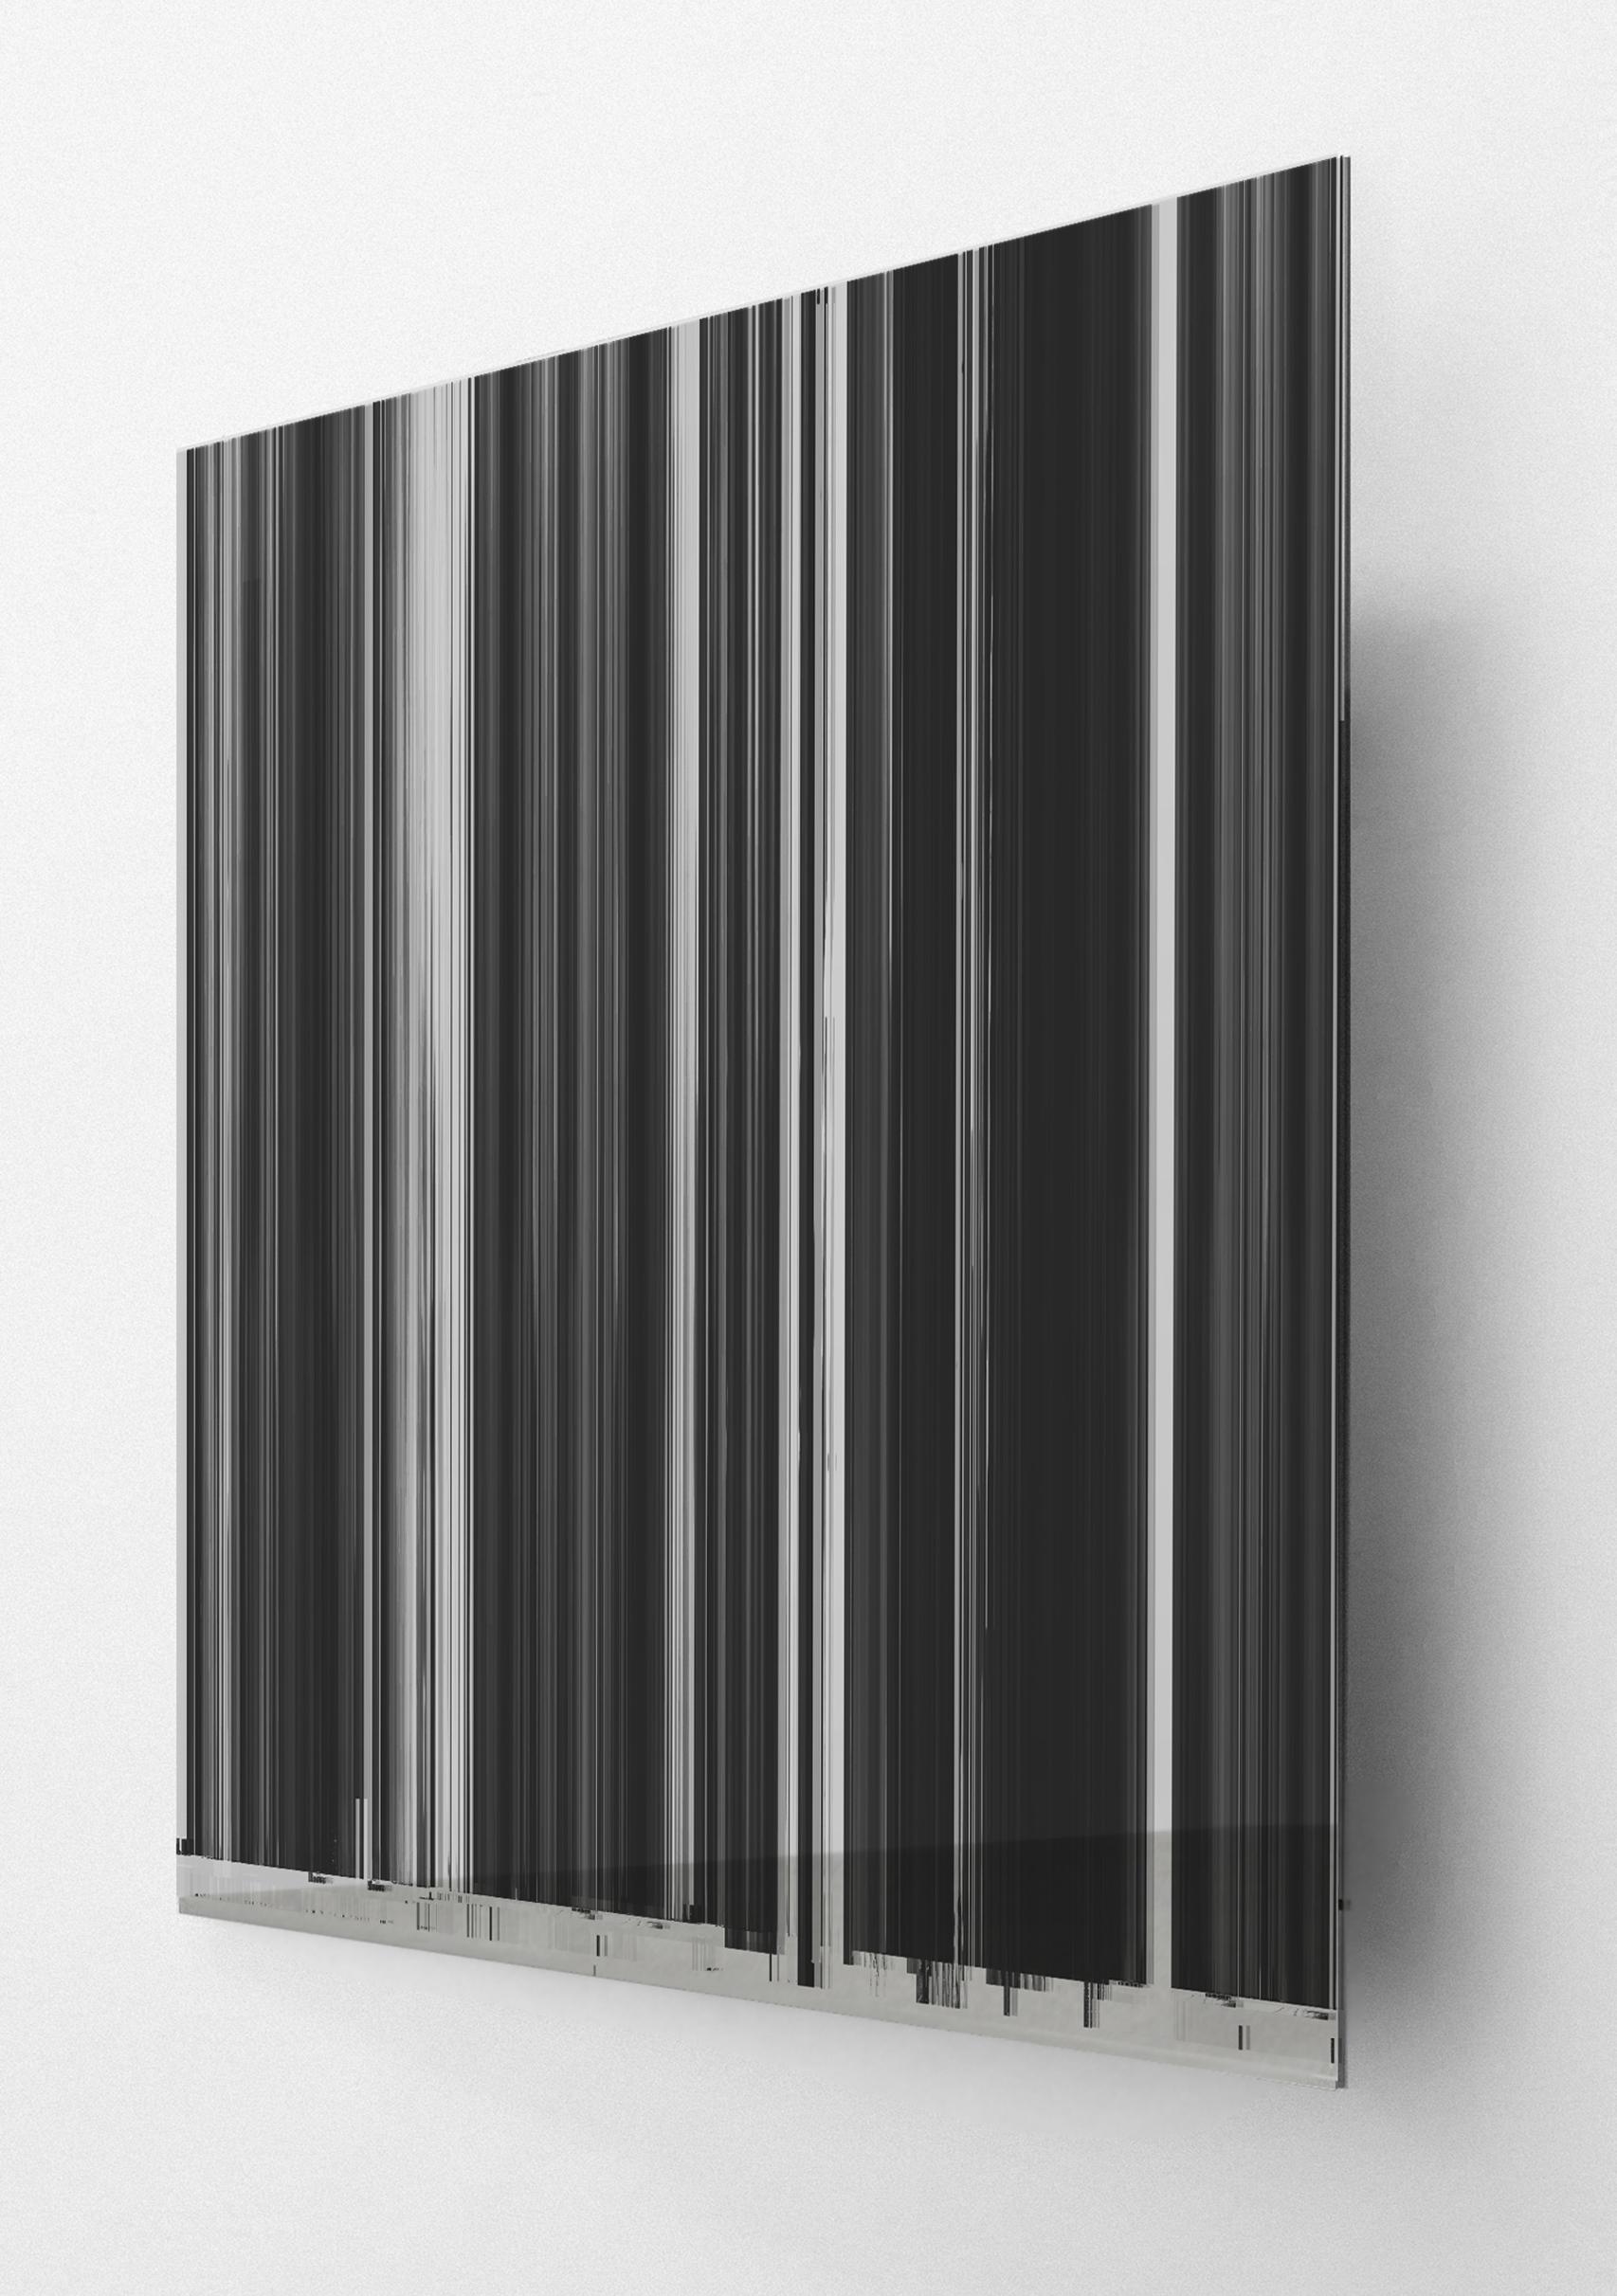 Manuel Fois intreccia suono e immagine alla Galleria 10 A.M. ART di Milano